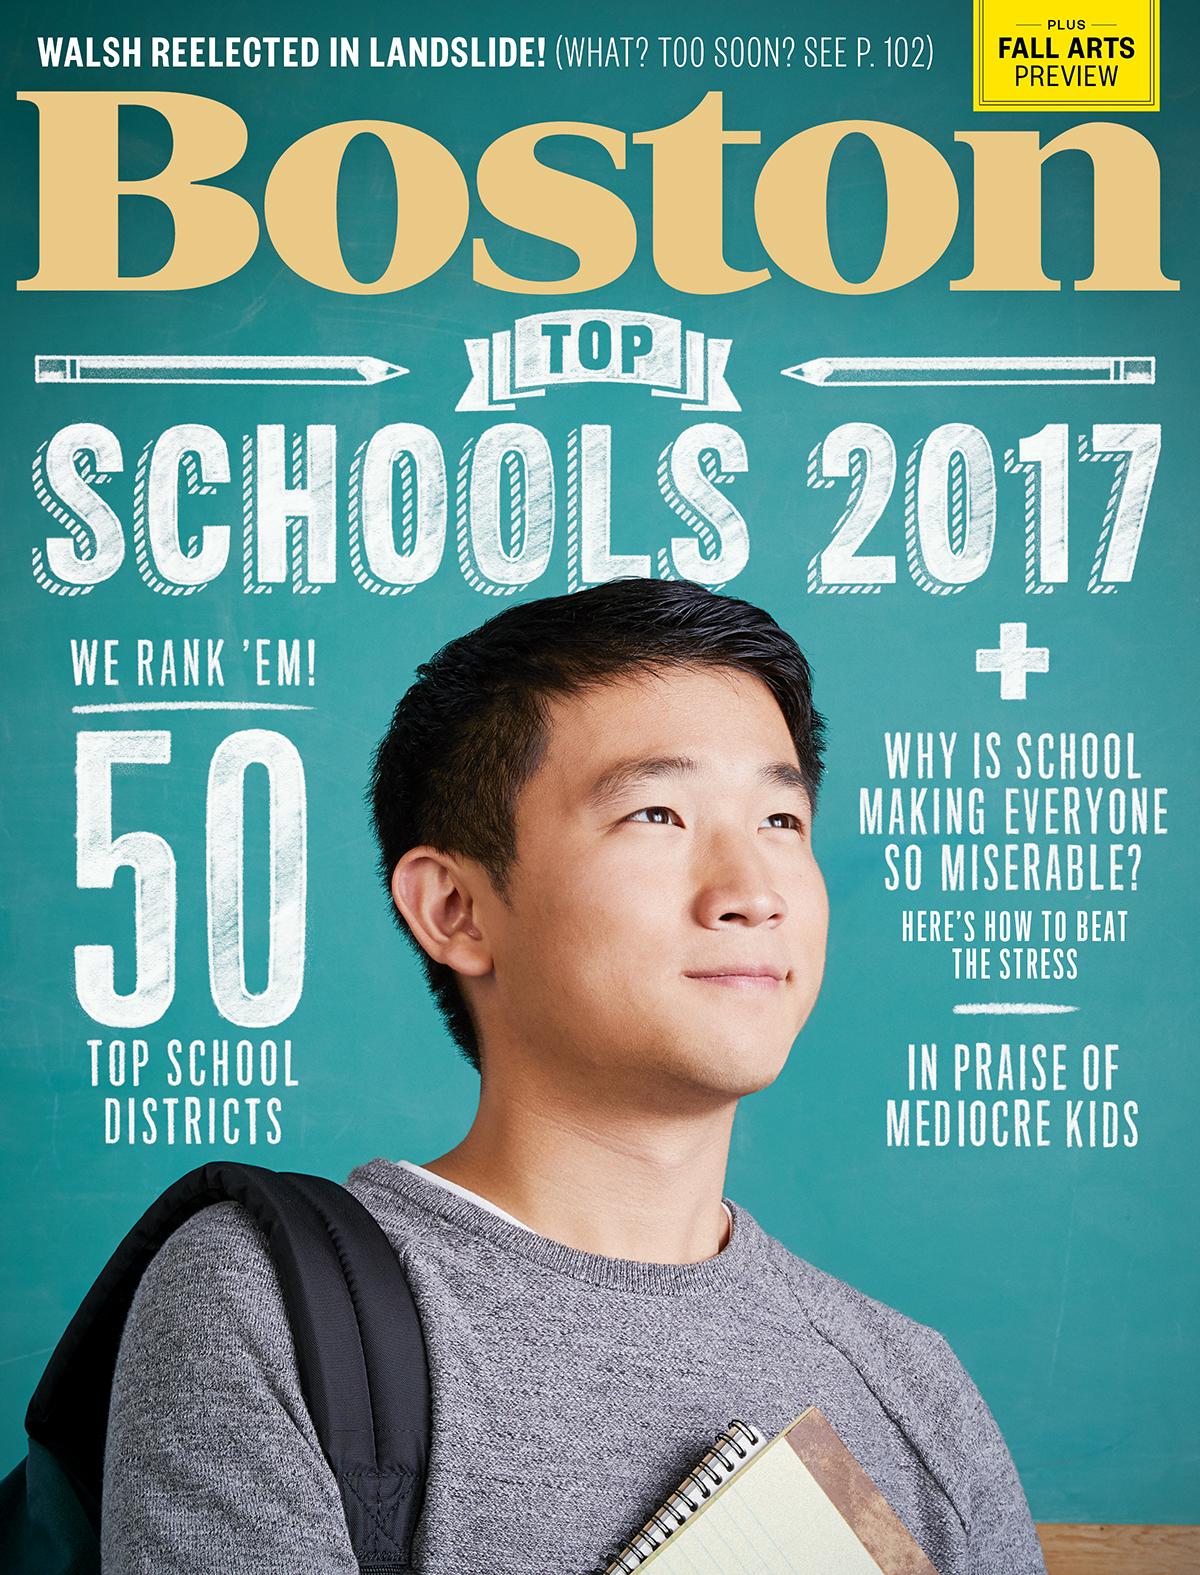 boston magazine september 2017 cover